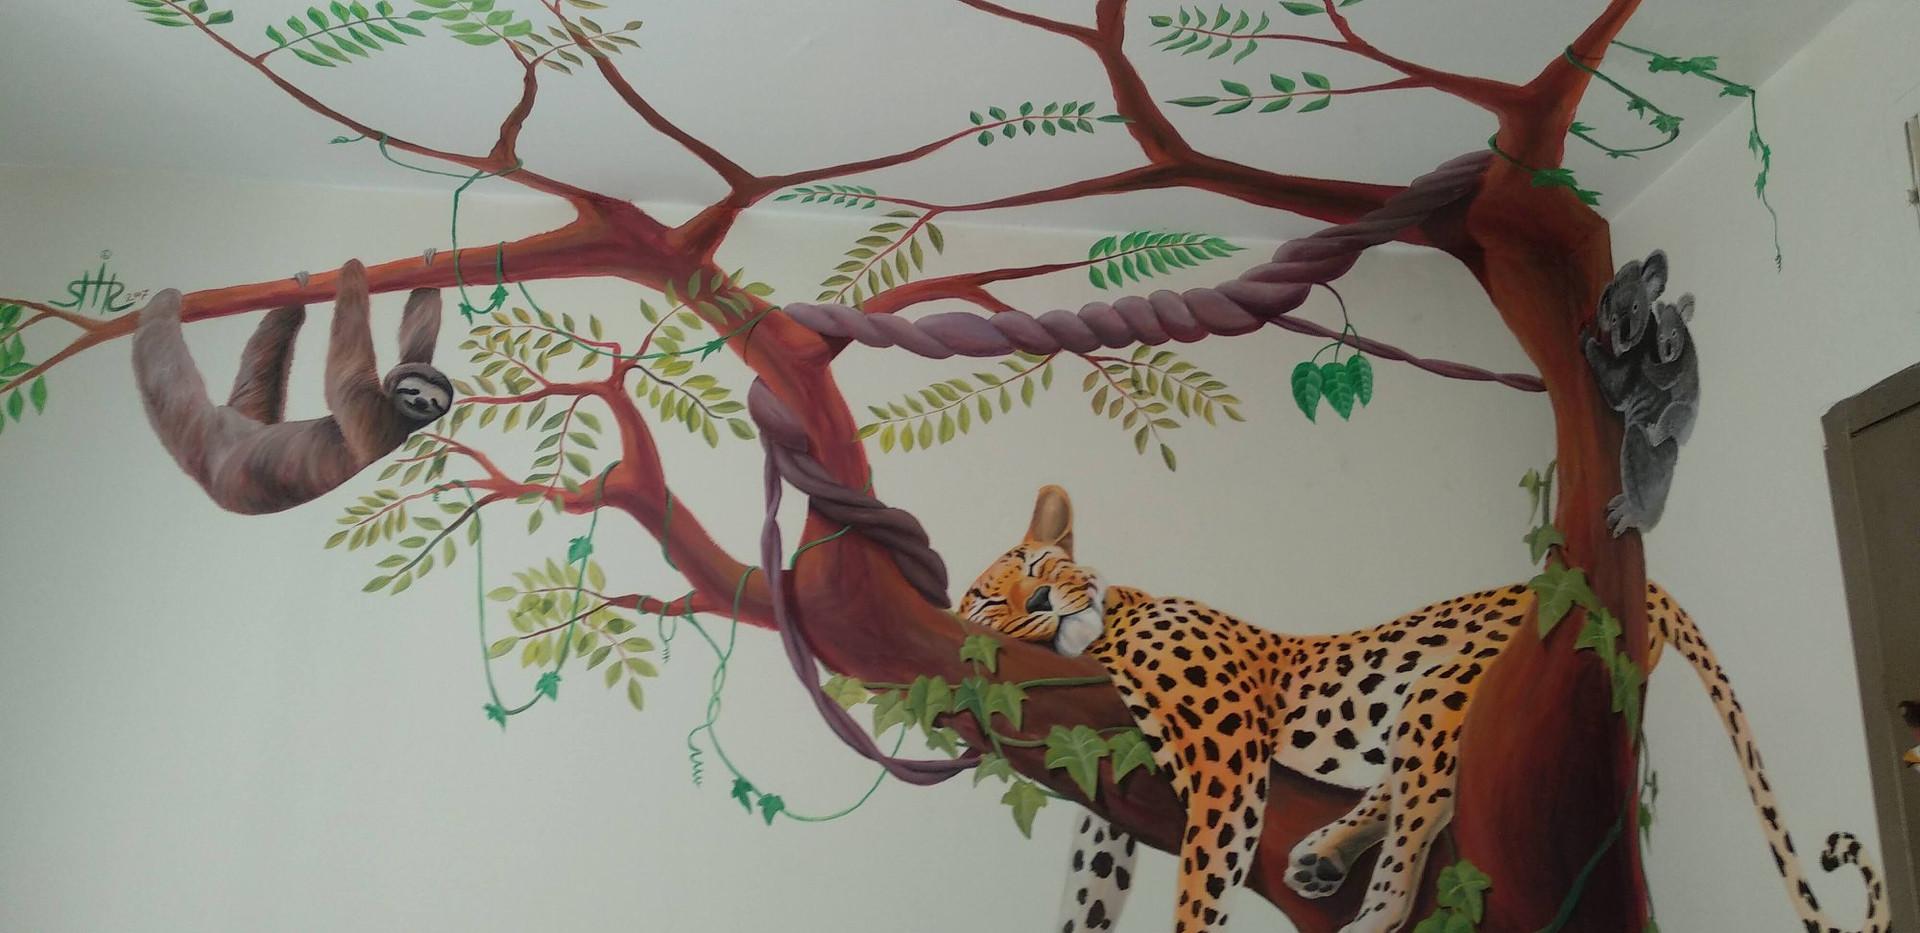 עץ עם חיות ציור פינתי לחדר ילדים בצבעי ספריי ואקריליק שיר למדן Shir Lamdan גודל: 2.5x2 מטר רמת פירוט: בינונית - גבוהה משך עבודה: יומיים  מחיר: 2200 ש״ח